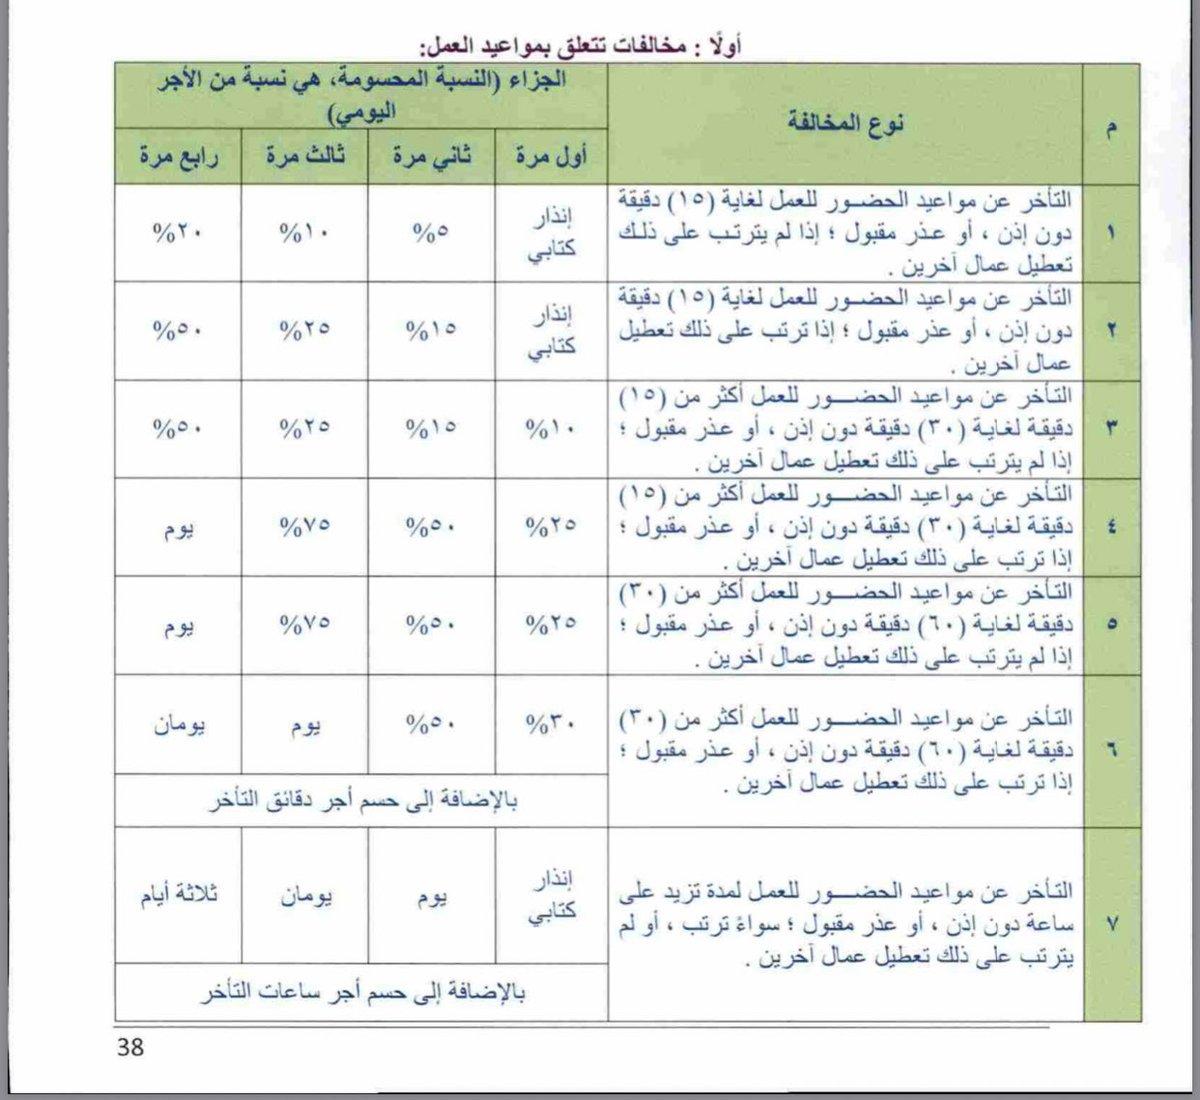 لائحة الجزاءات مكتب العمل السعودي 2020